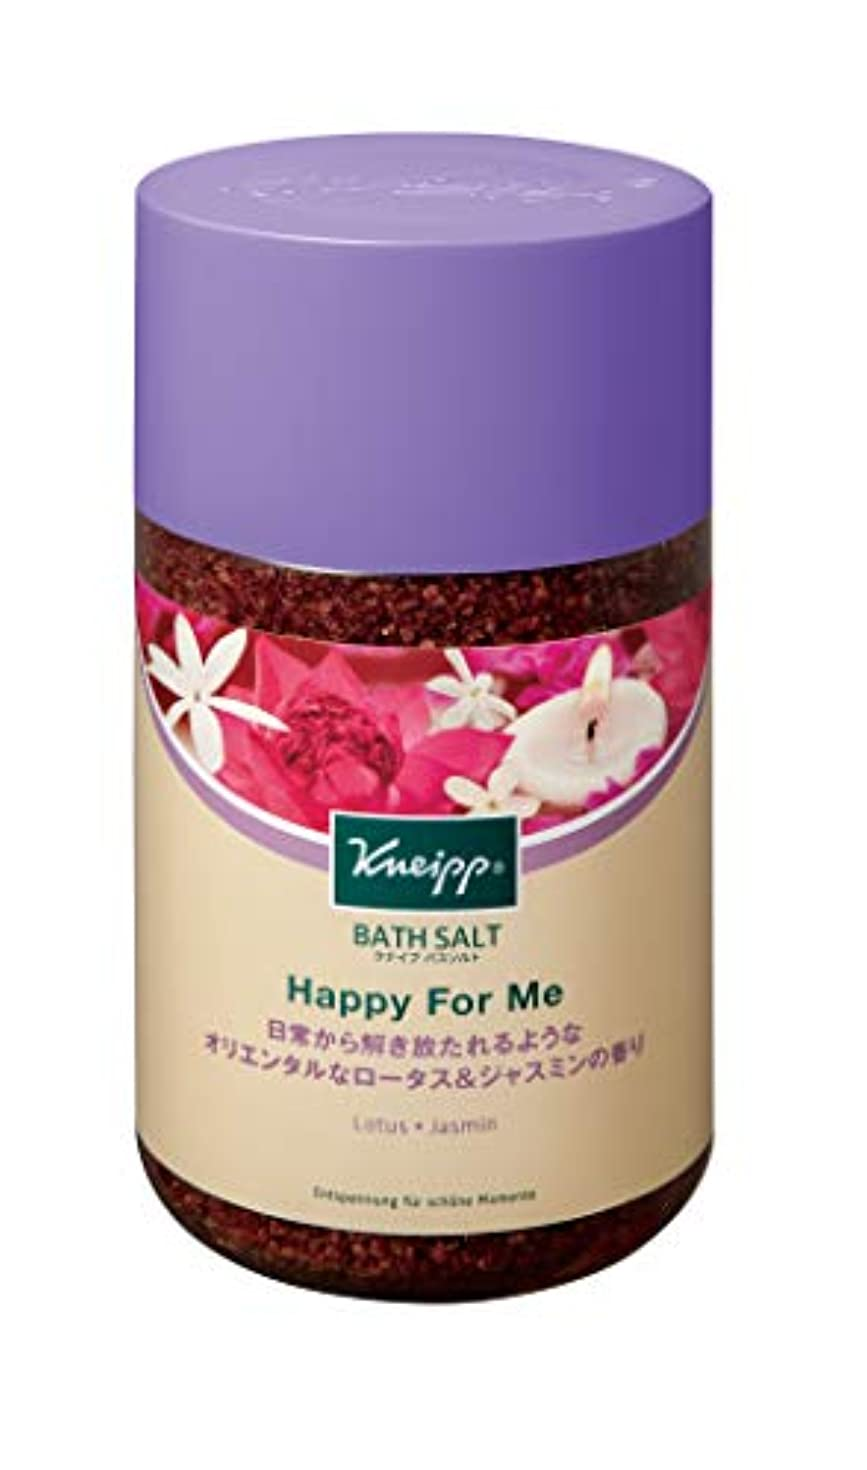 弾力性のあるかもしれない尊敬するクナイプ バスソルト ハッピーフォーミー ロータス&ジャスミンの香り